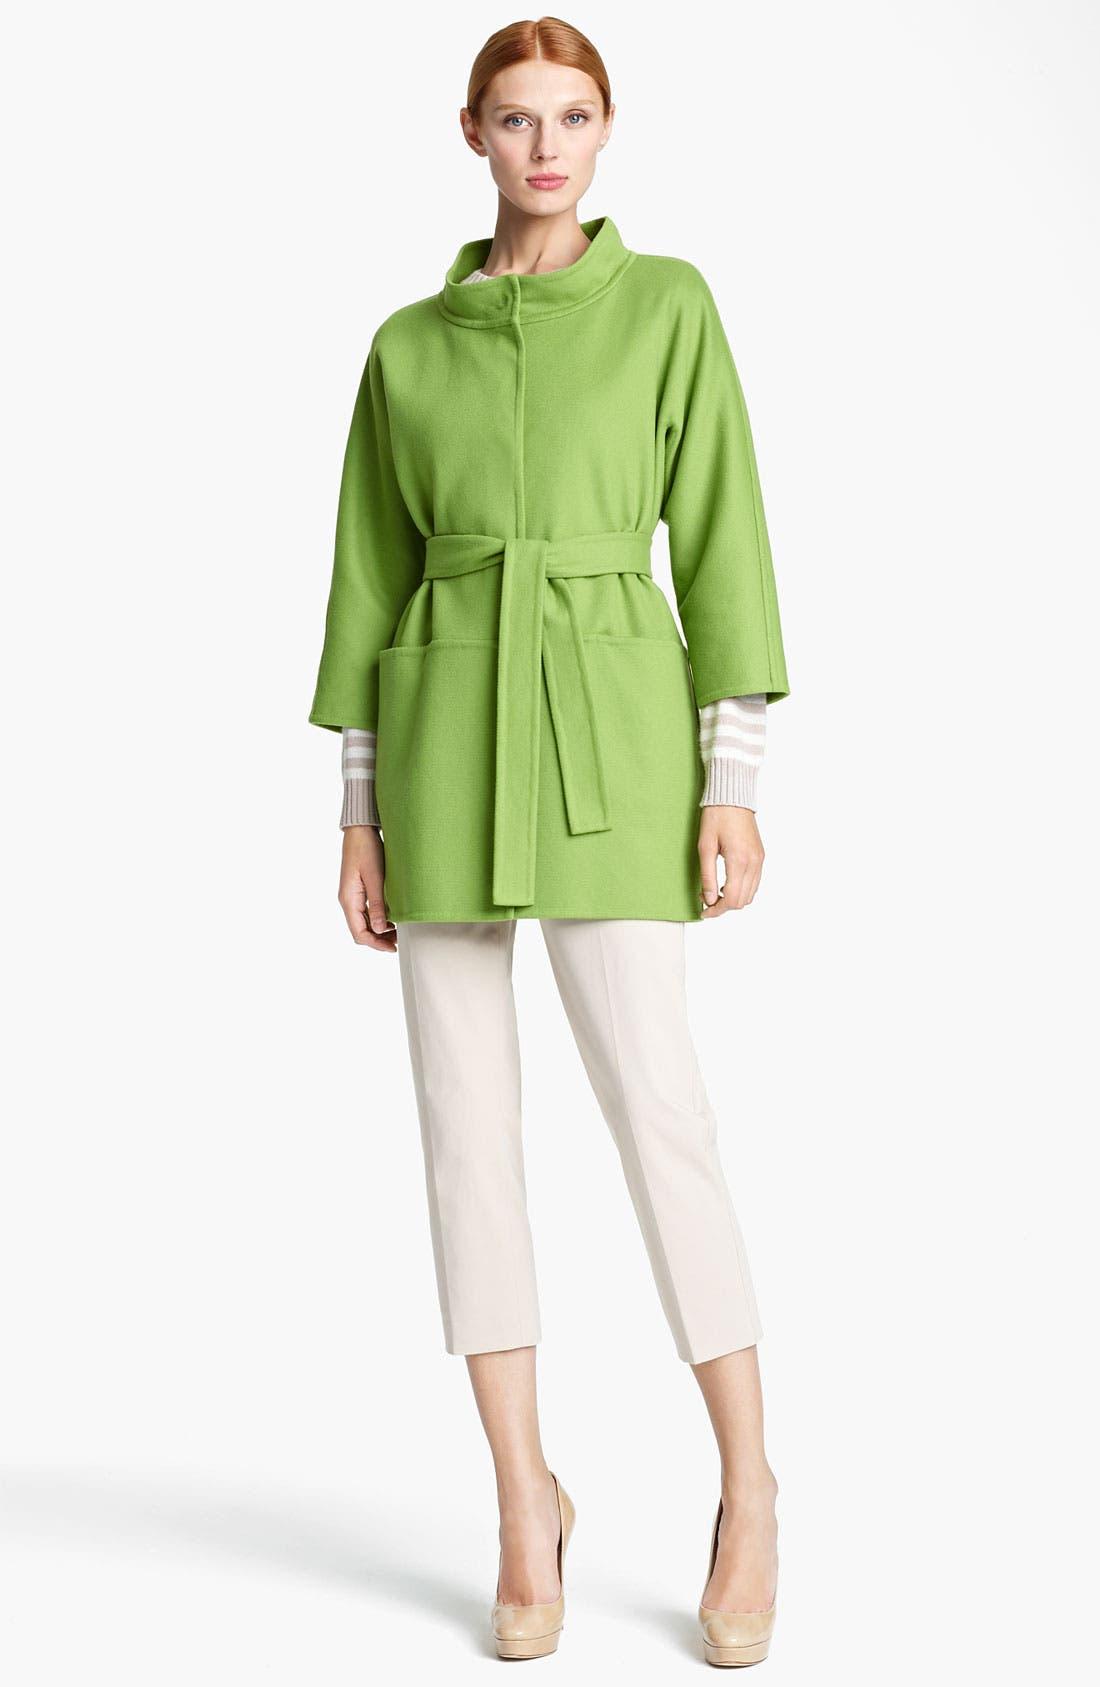 Alternate Image 1 Selected - Max Mara 'Lipari' Belted Wool Blend Coat